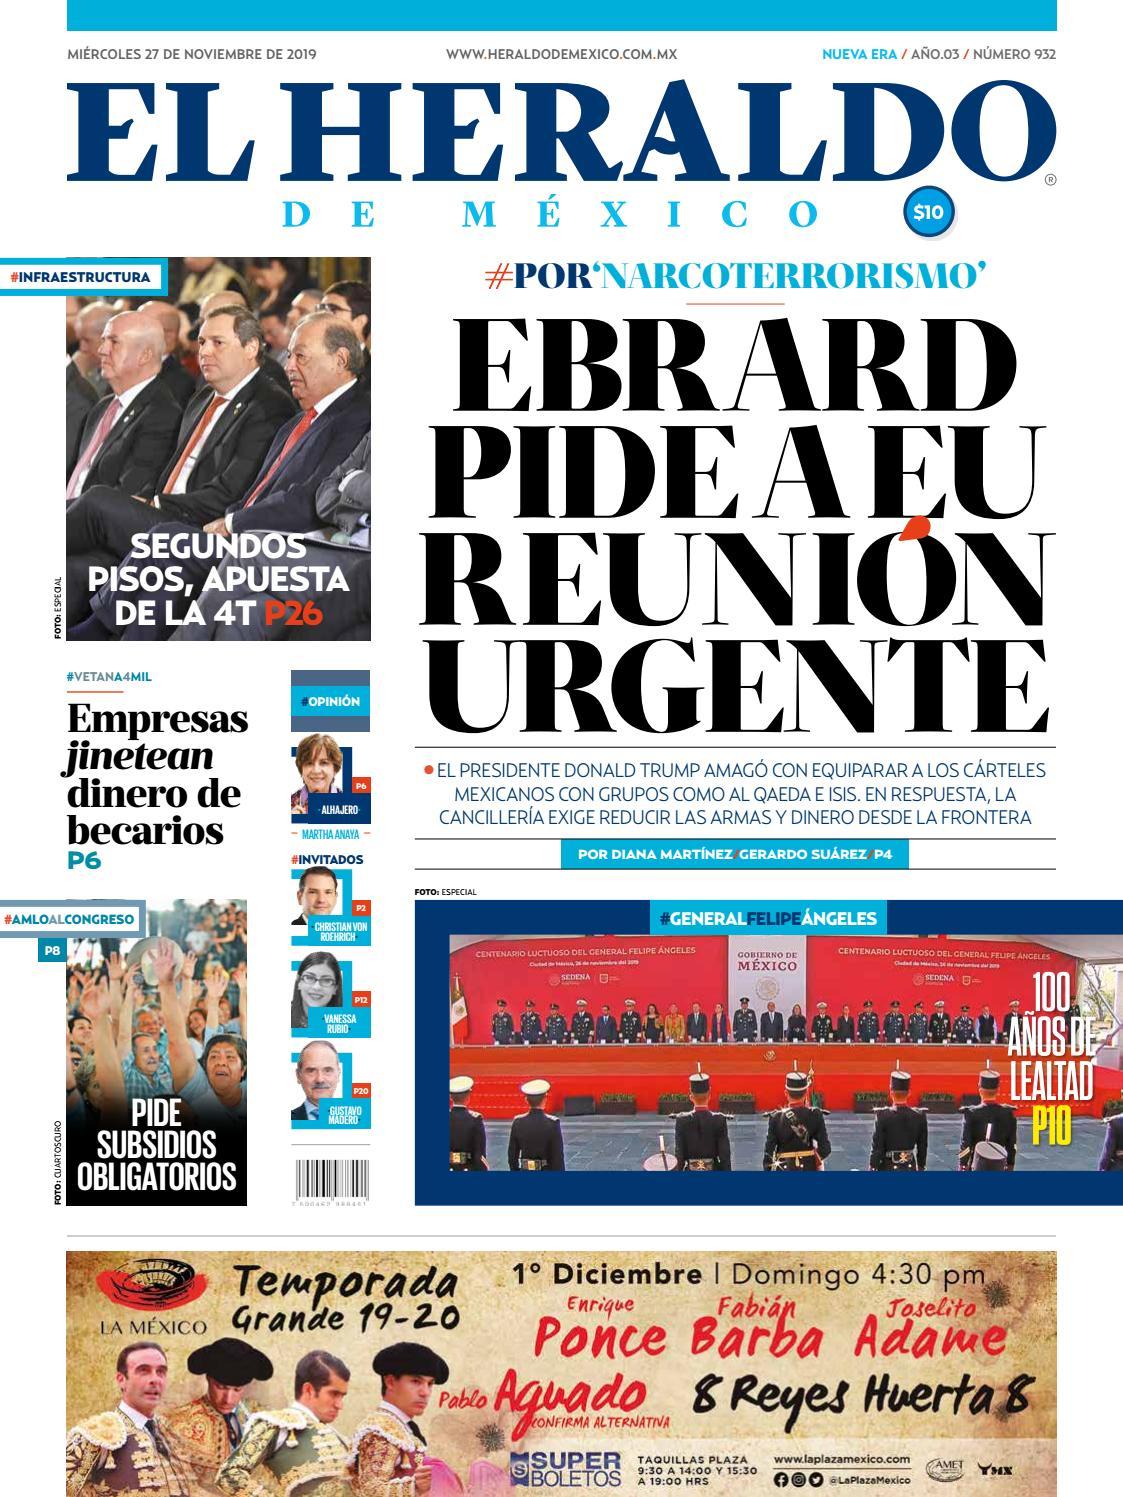 Miércoles 27 De Noviembre De 2019 By El Heraldo De México